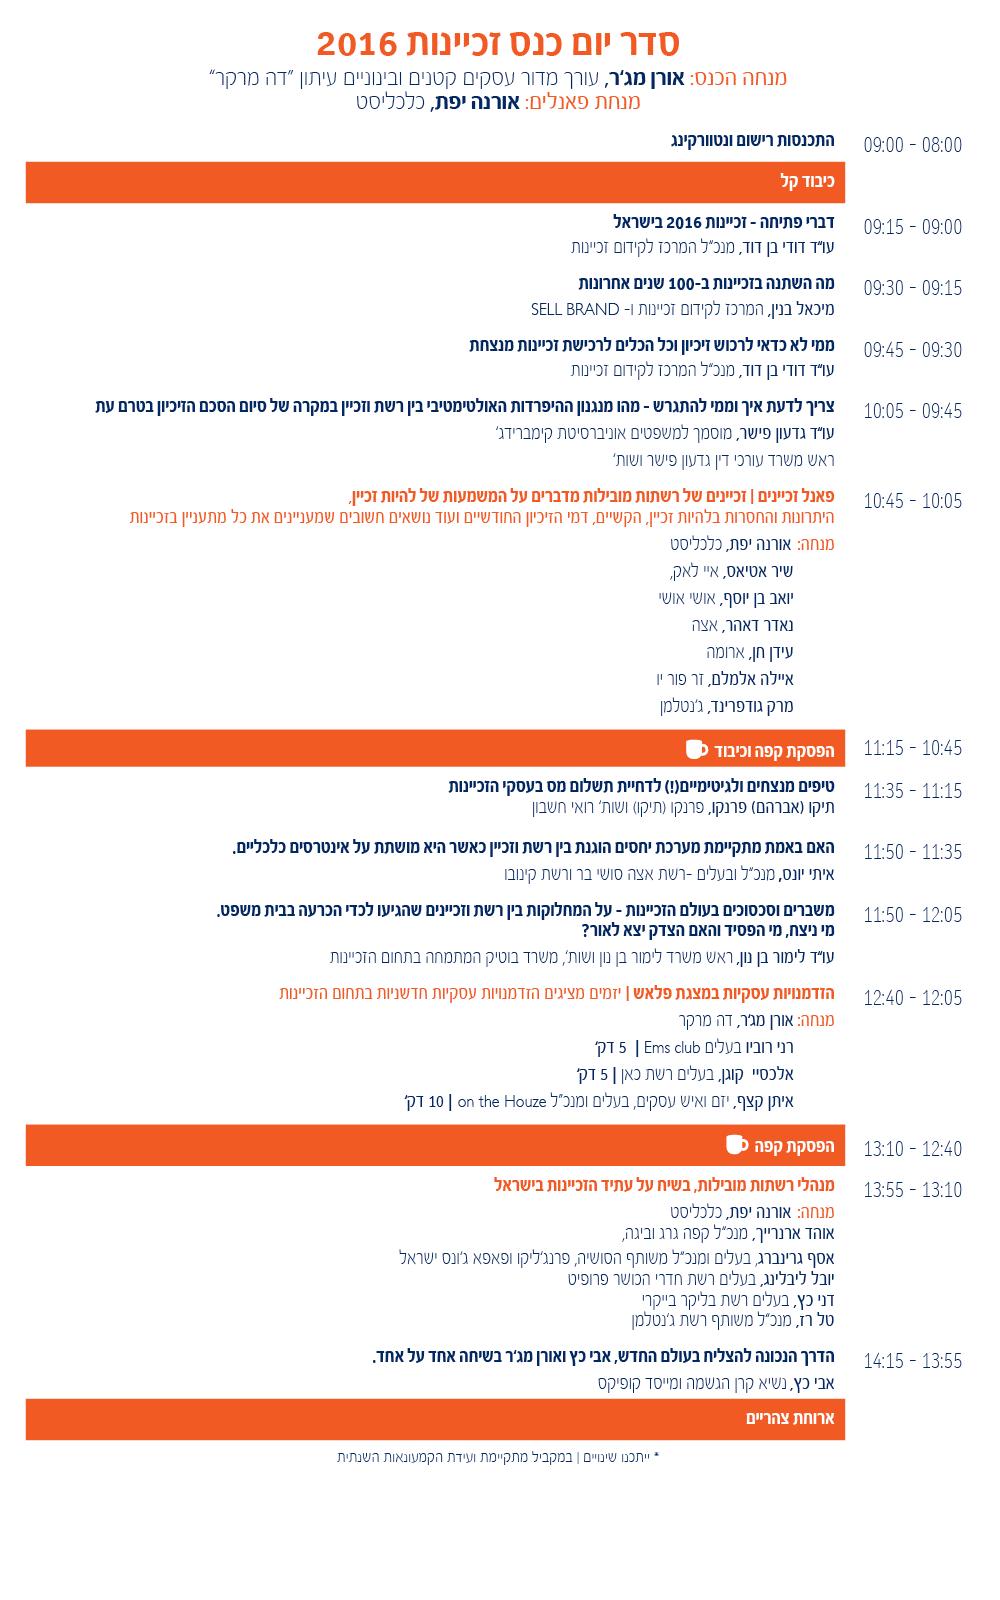 תוספת כנס זכיינות 2016 - המרכז לקידום זכיינות בישראל YT-21